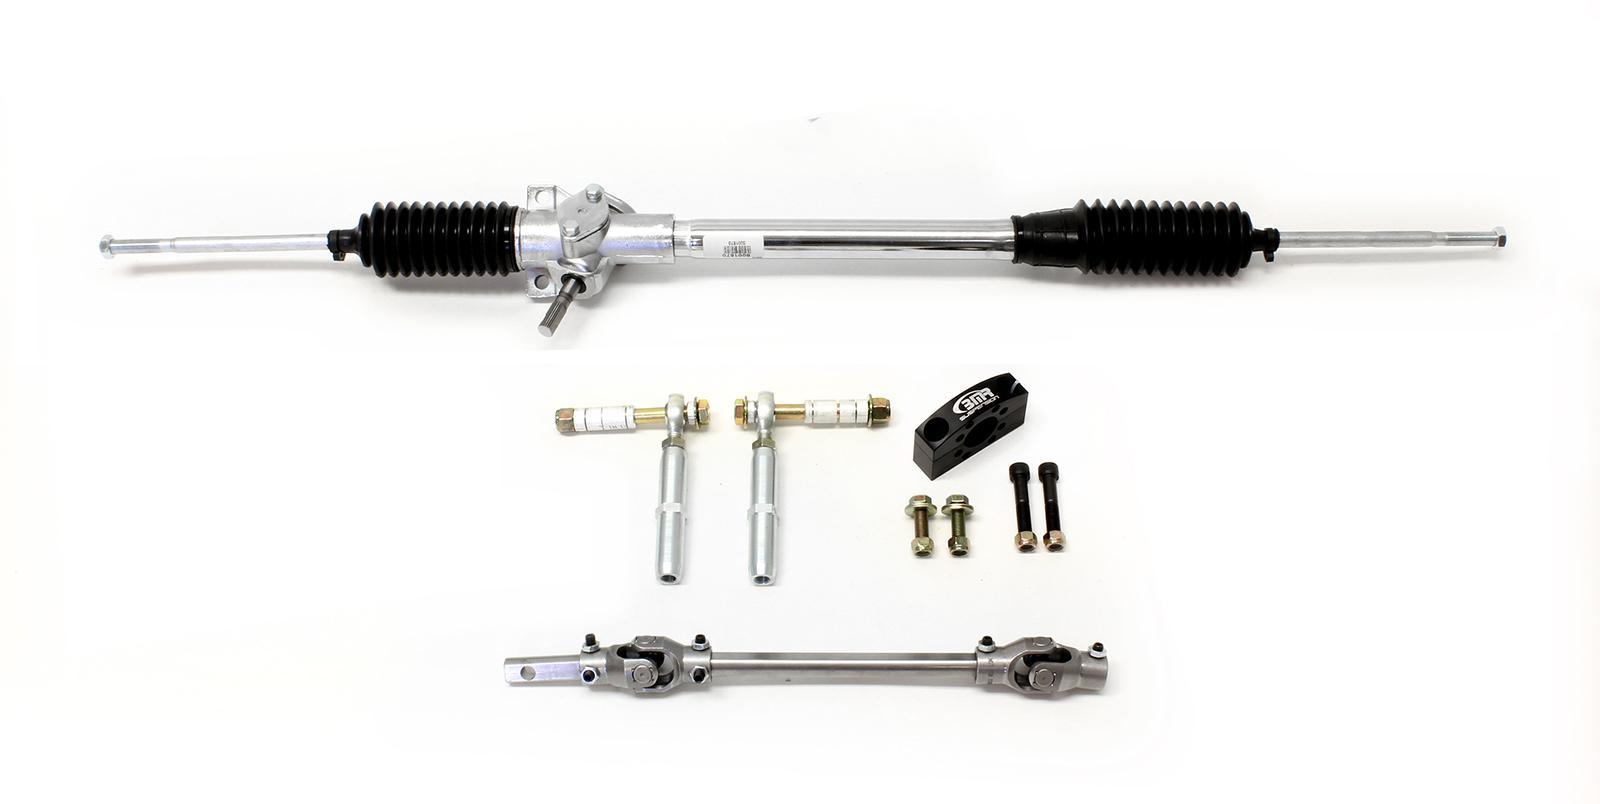 bmr suspension rk001 manual steering conversion kit use with bmr rh bmrsuspension com Custom Steering Rack Power Steering Rack Replacement